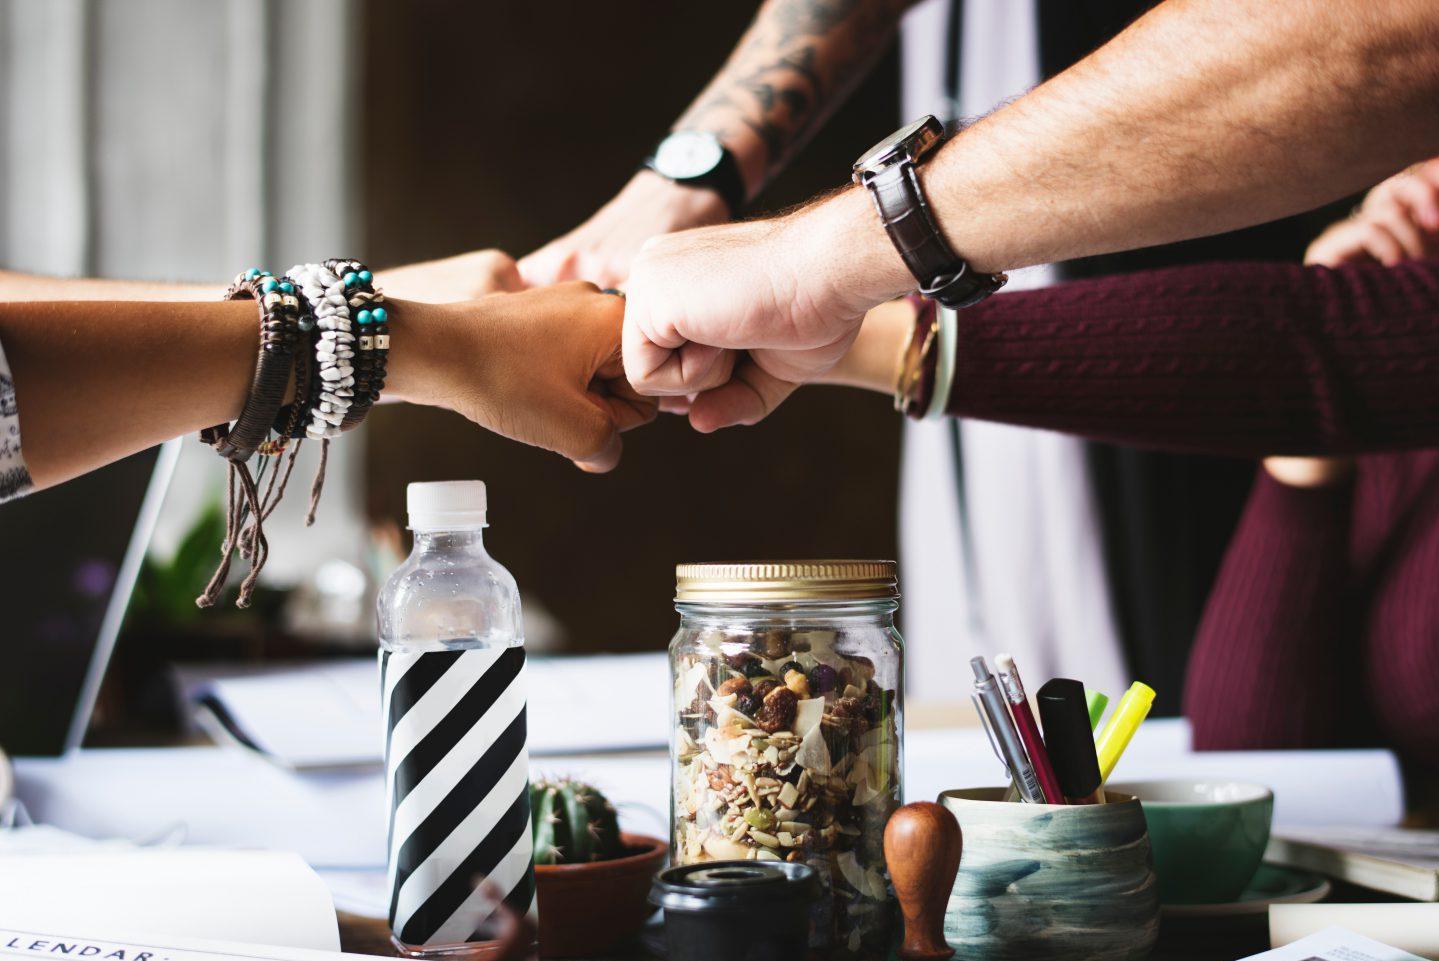 agile remote teams people are key